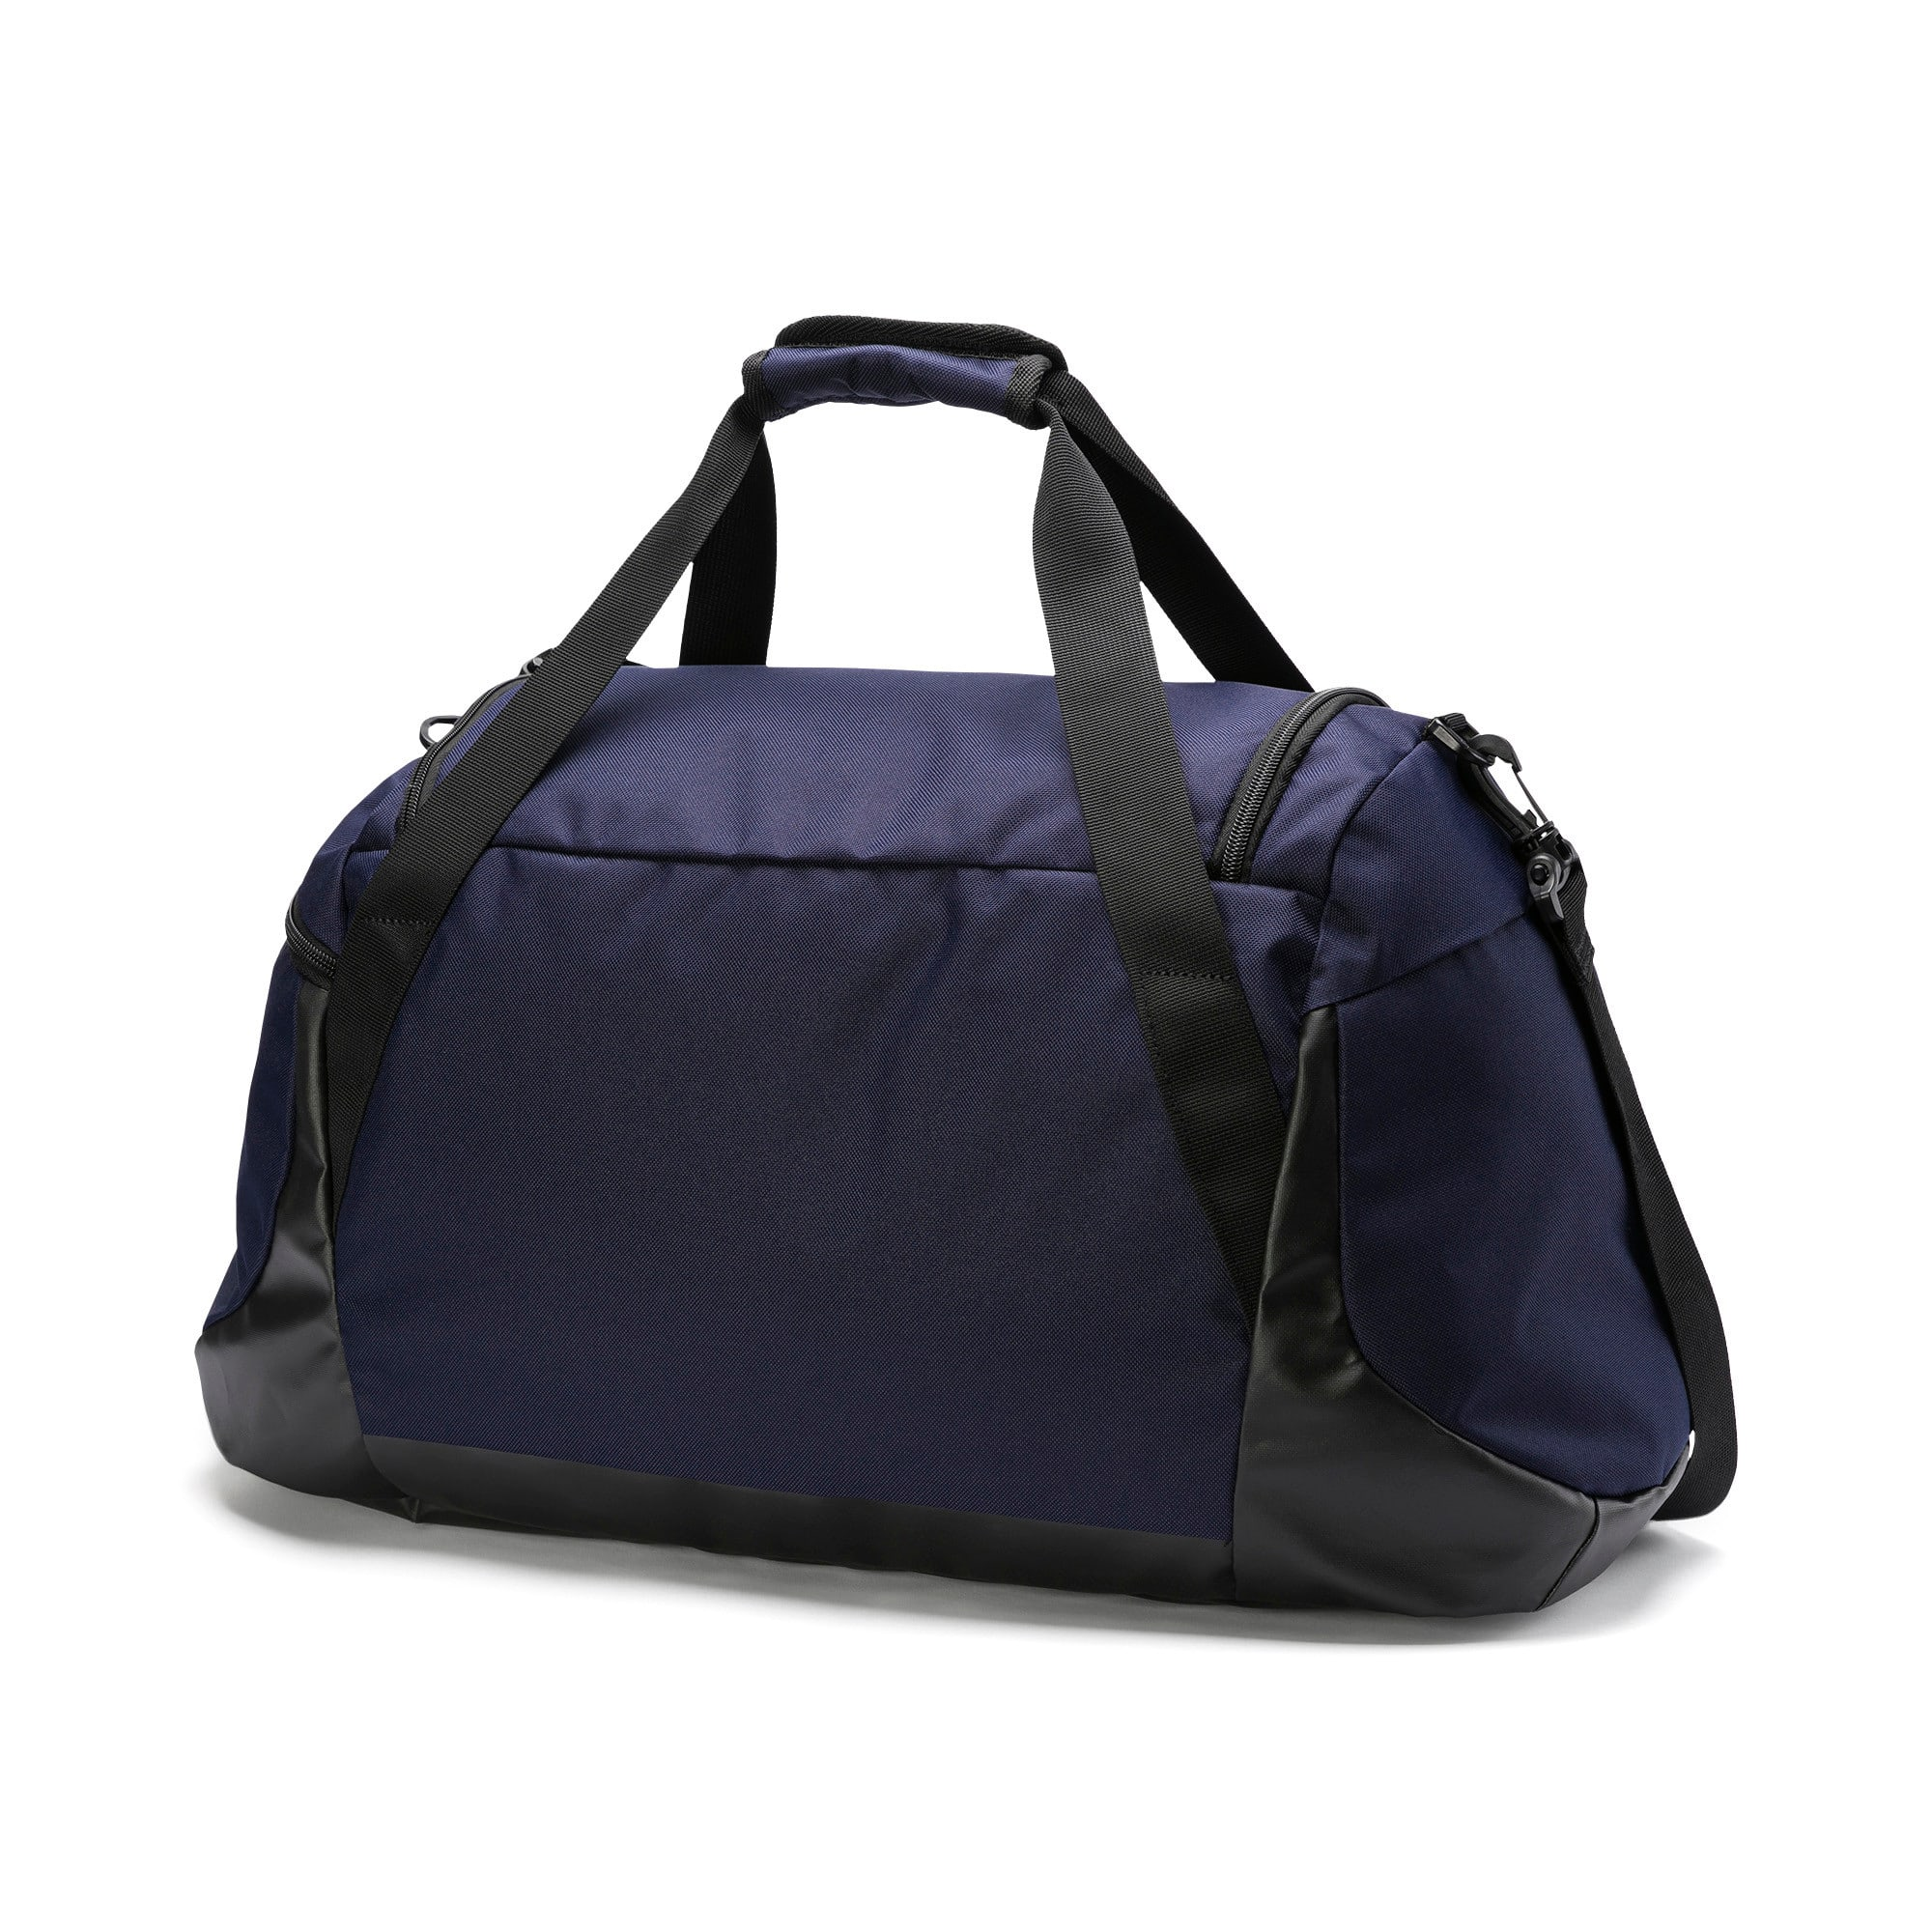 Thumbnail 2 of GYM Medium Duffle Bag, Peacoat, medium